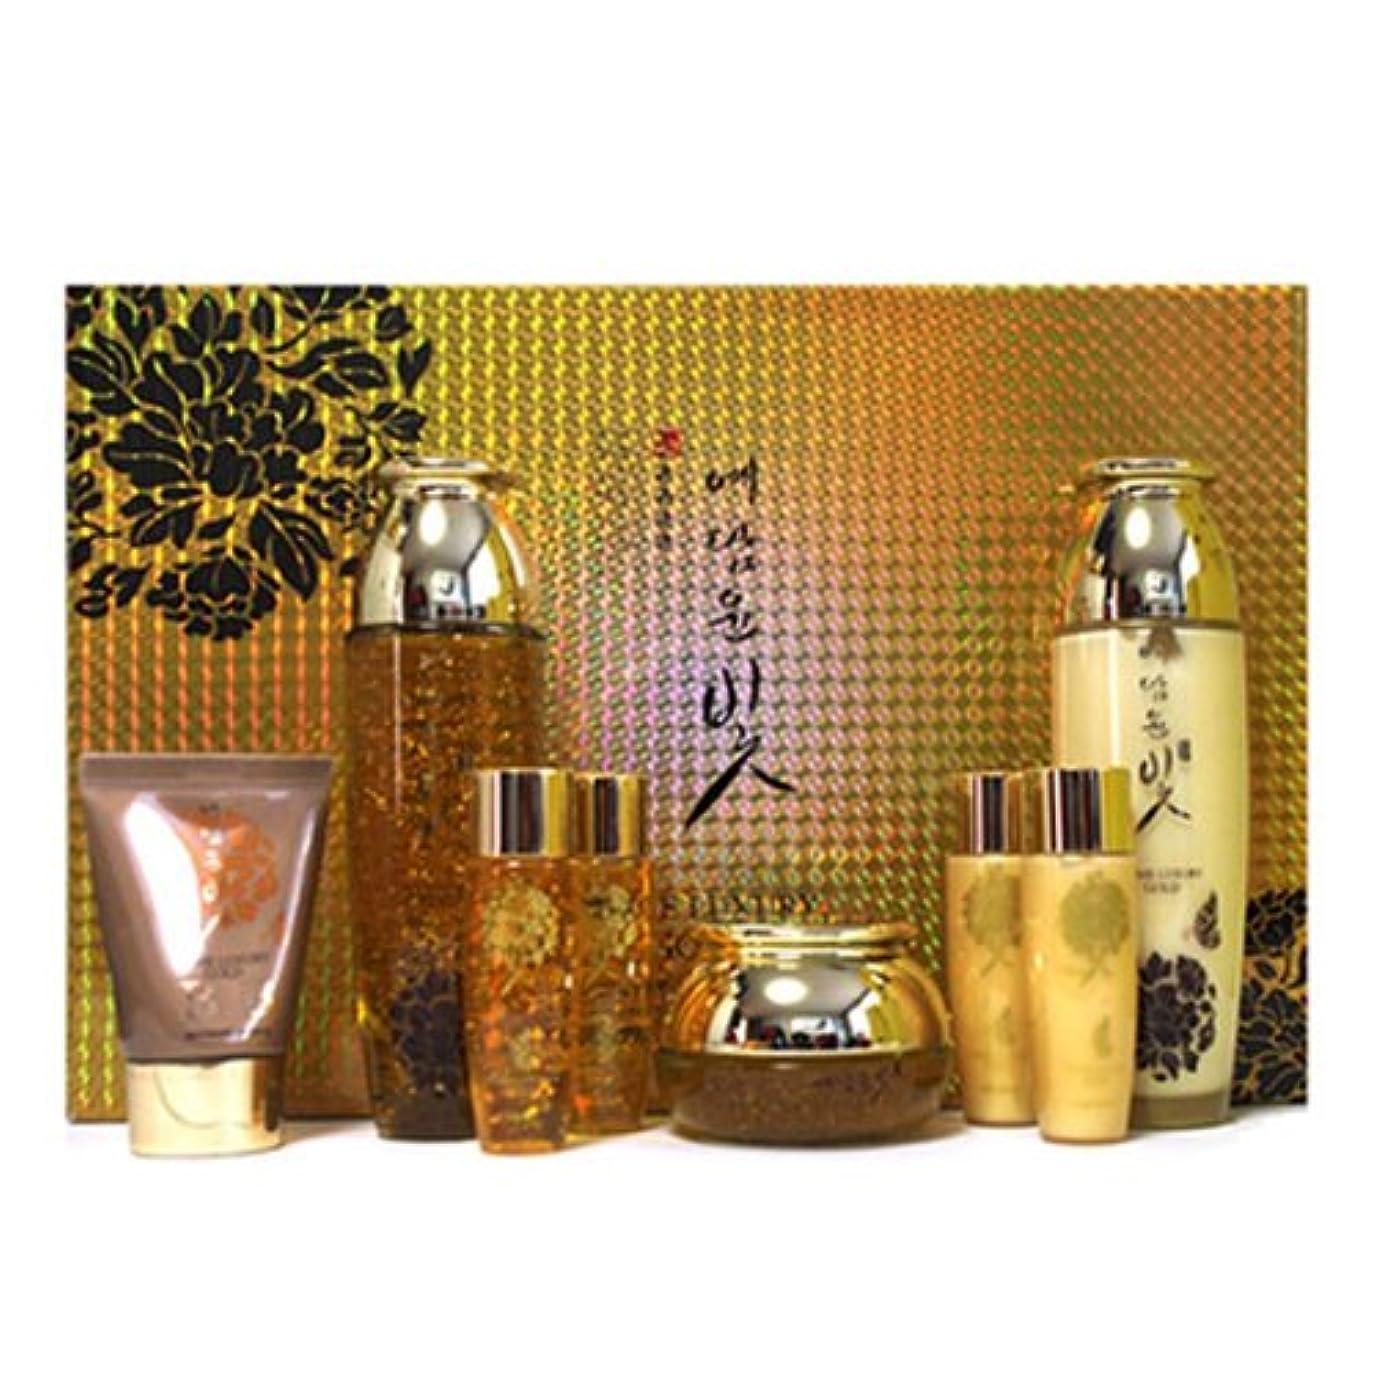 フィールドきょうだい予見するイェダムユンビト[韓国コスメYedam Yun Bit]Prime Luxury Gold Skin Care Set プライムラグジュアリーゴールドスキンケア4セット 樹液 乳液 クリーム/ BBクリーム [並行輸入品]